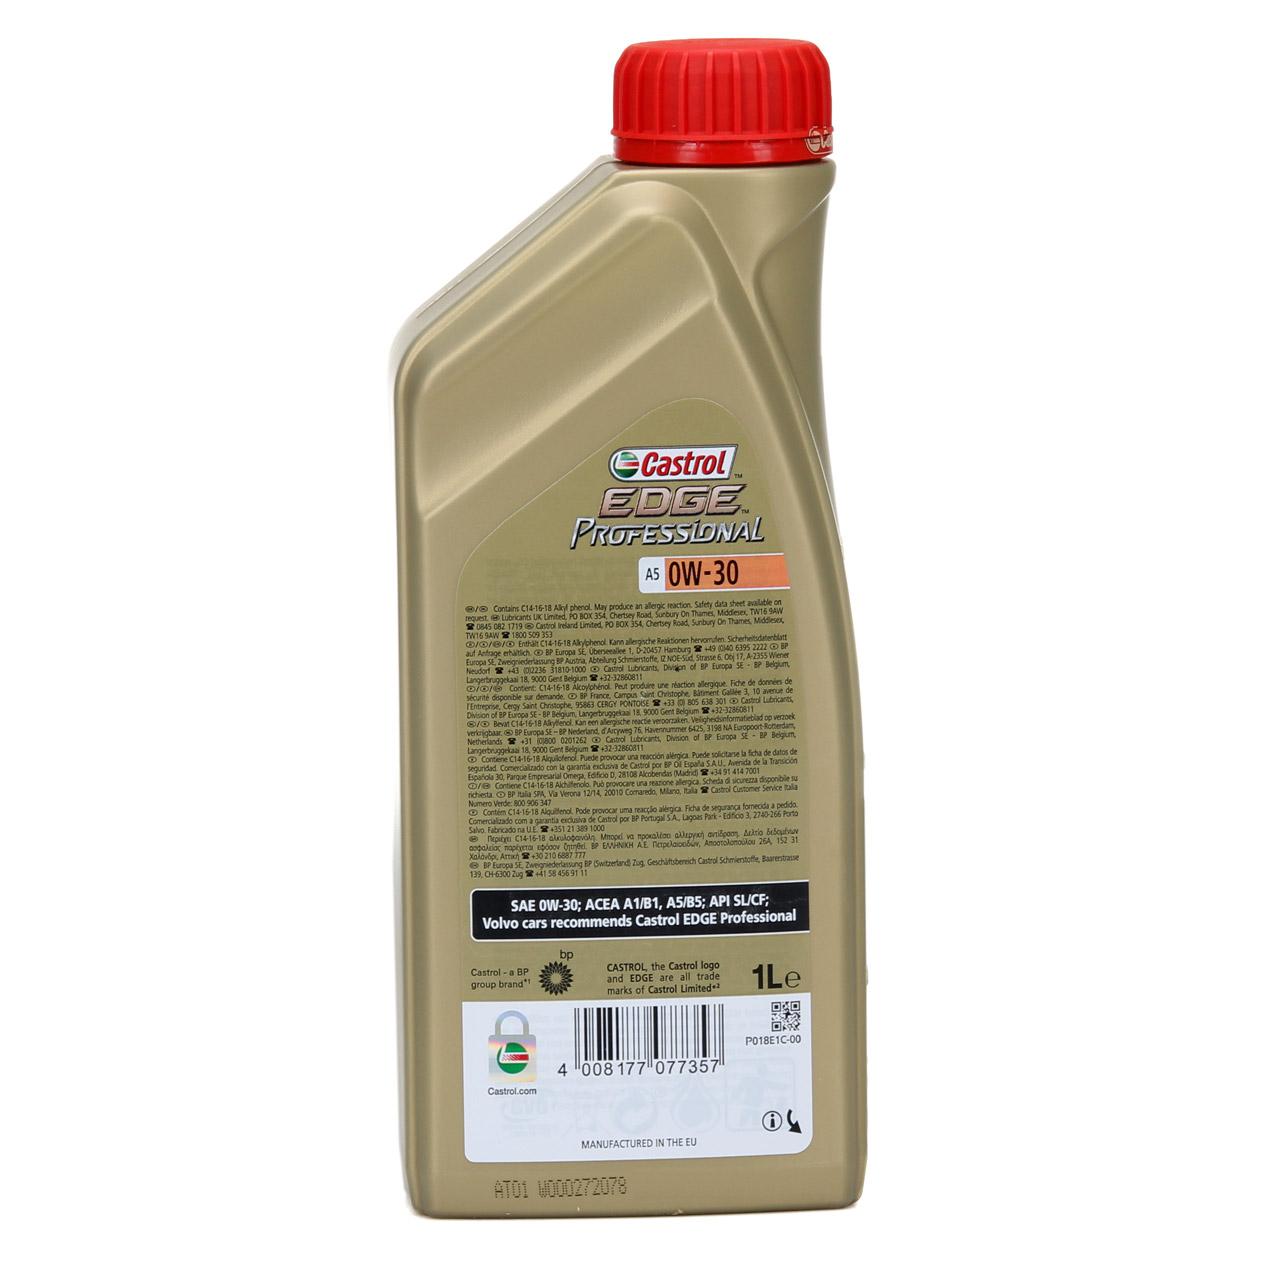 CASTROL EDGE Professional Motoröl Öl TITANIUM FST A5 0W-30 0W30 VOLVO 8 Liter